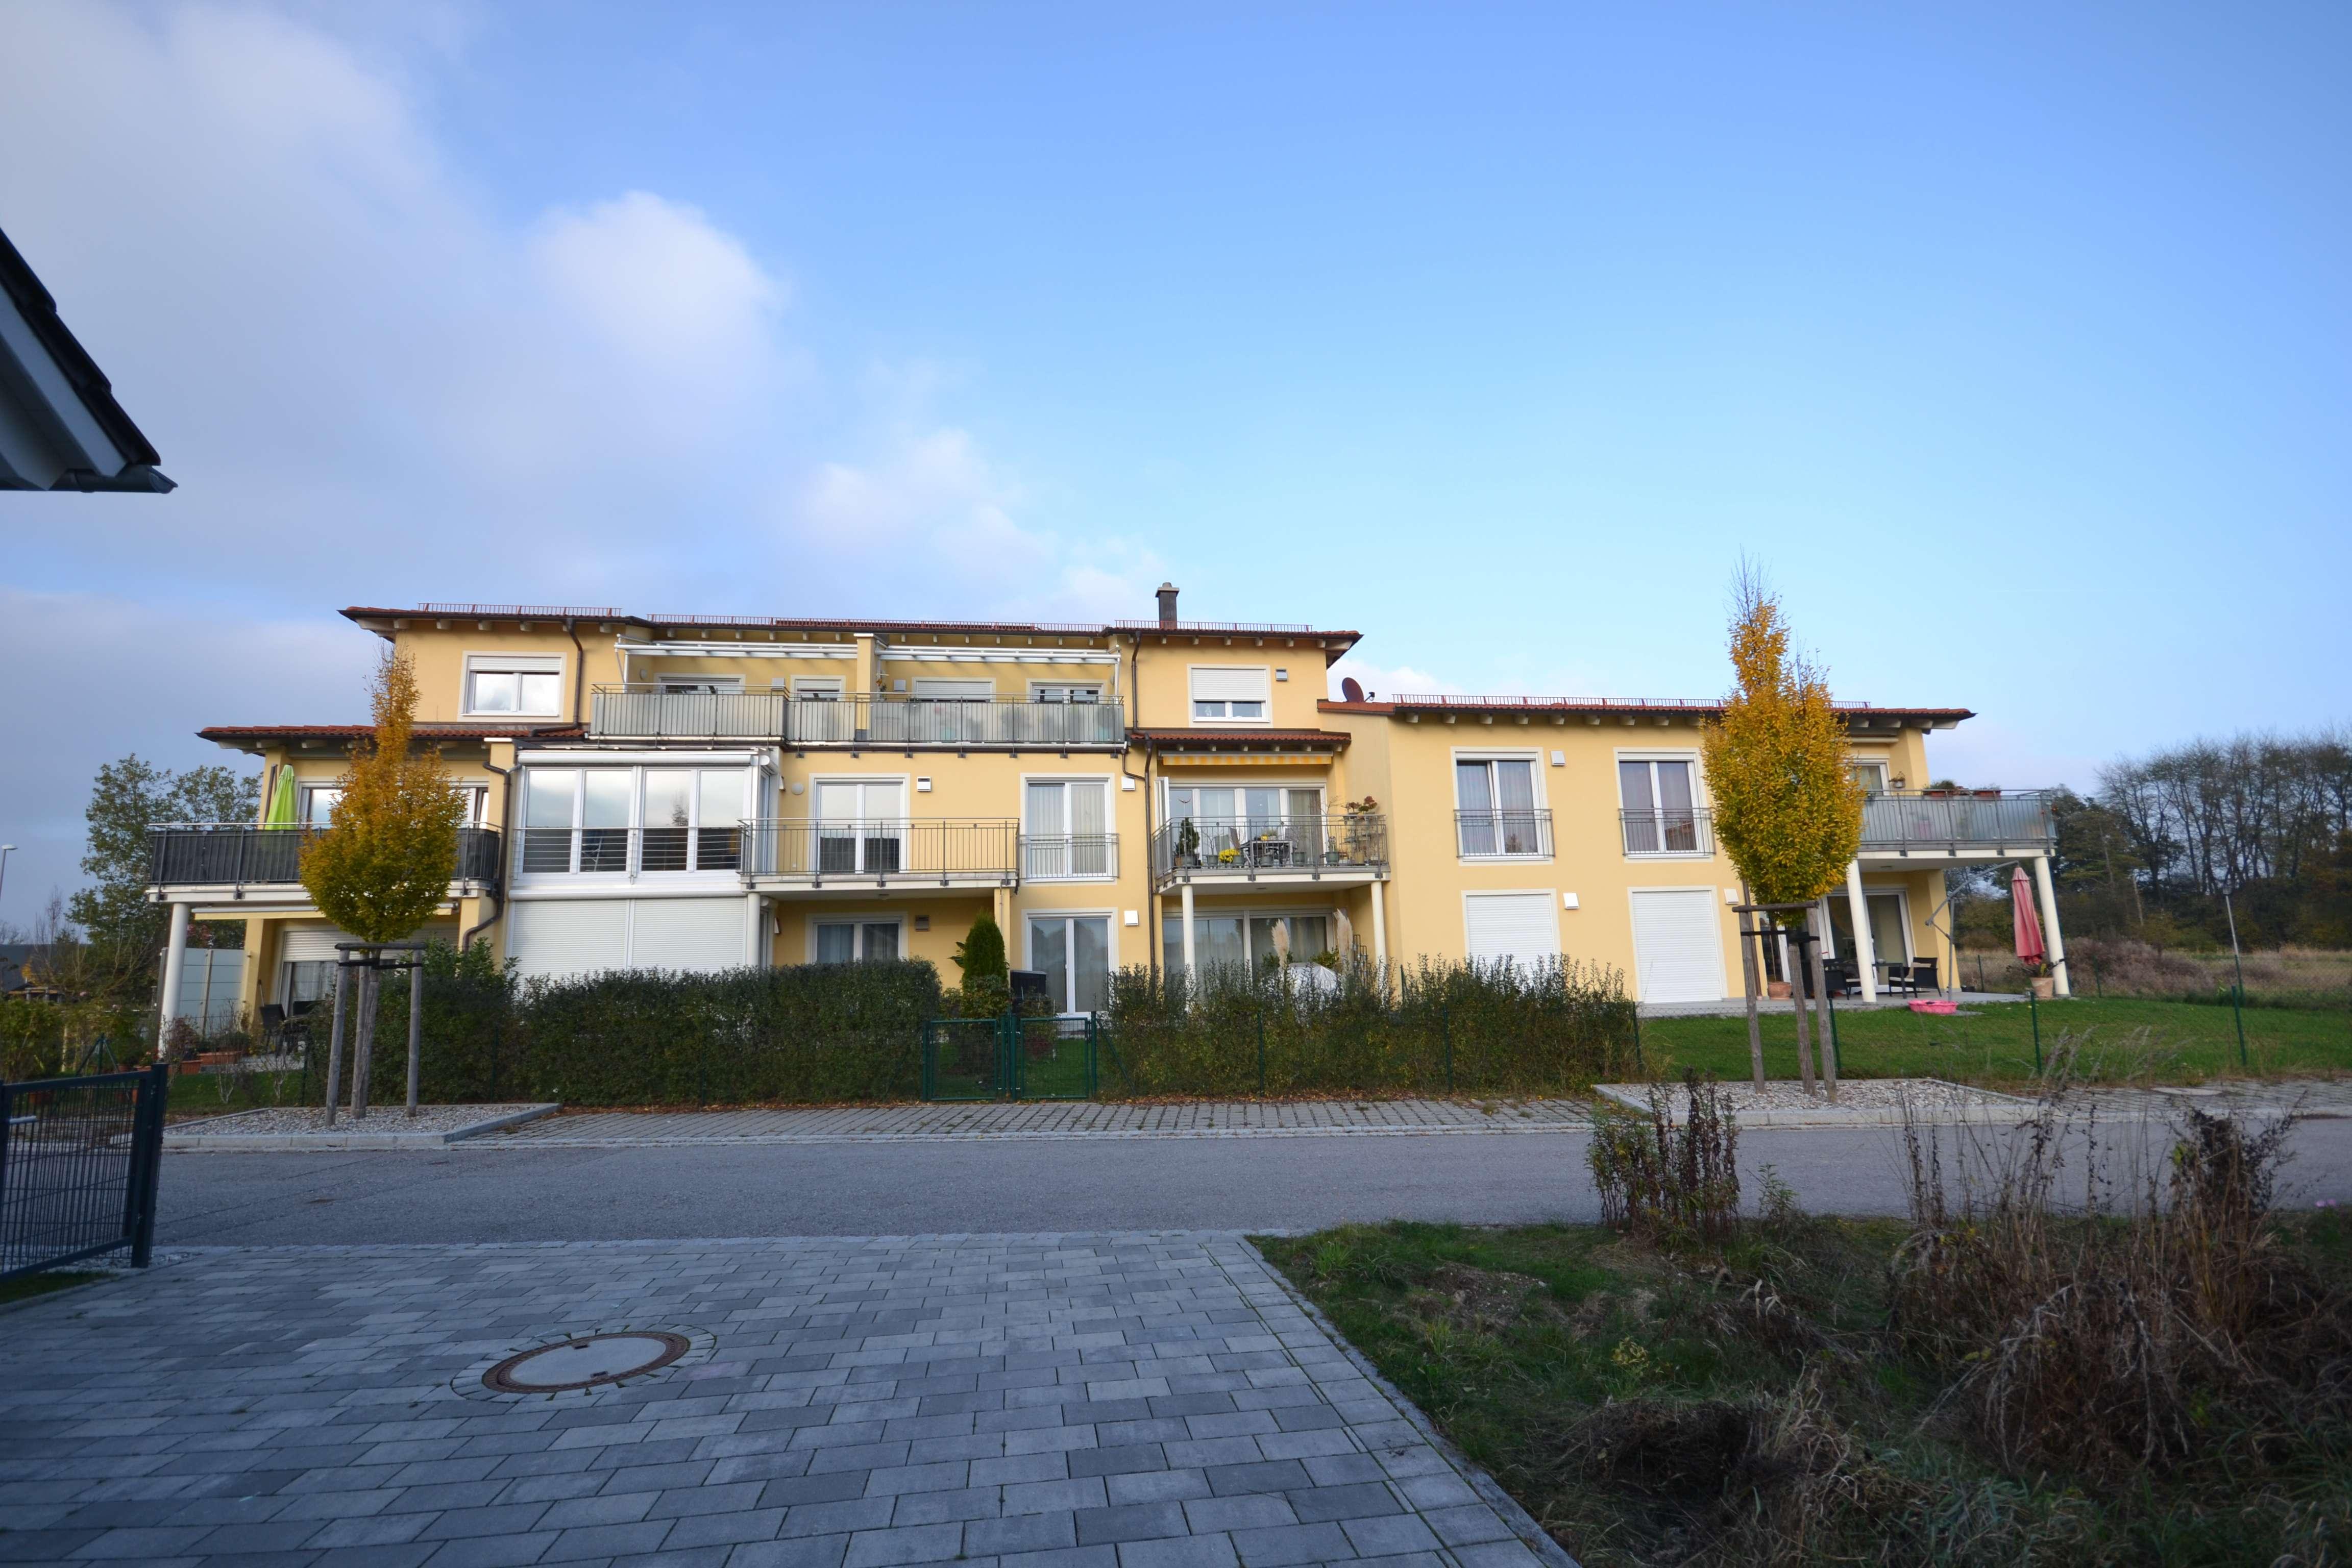 Exklusive Wohnanlage im mediterranen Stil (10 Wohneinheiten) 2 Zimmerwohnung Mühldorf SÜD in Mühldorf am Inn